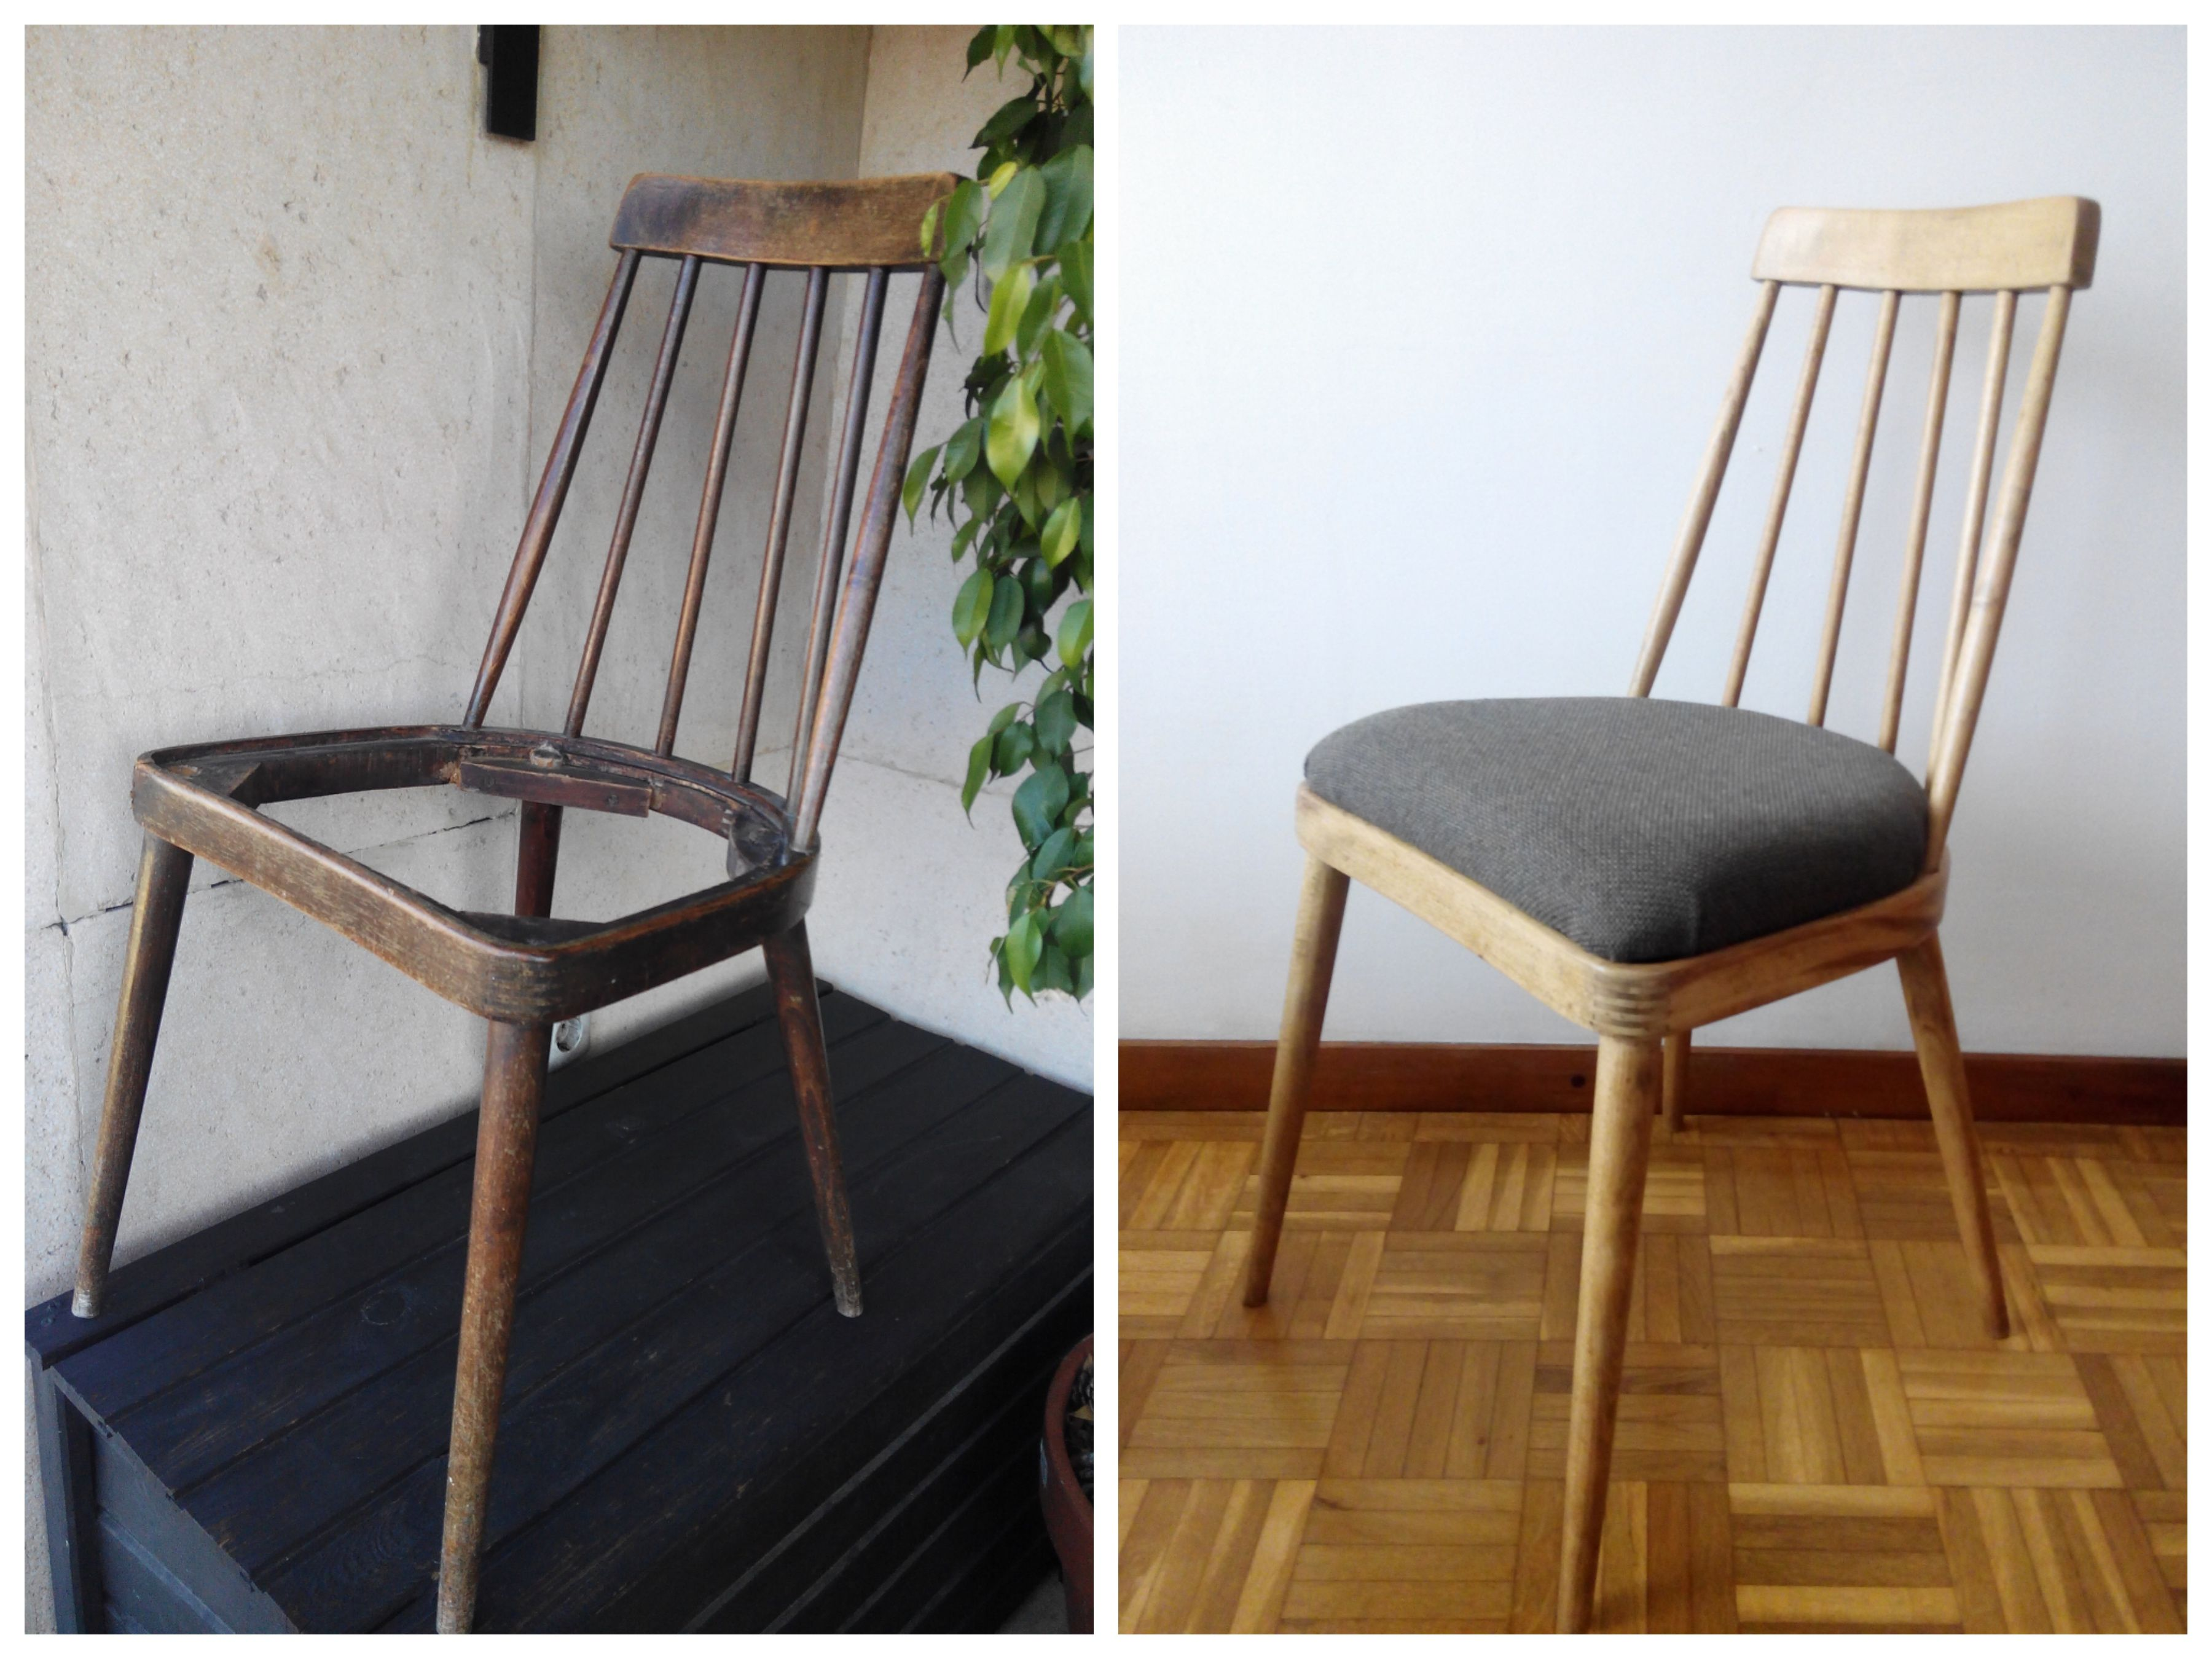 Goma espuma para tapizar sillas alta densidad espuma - Espuma para tapizar sillas ...